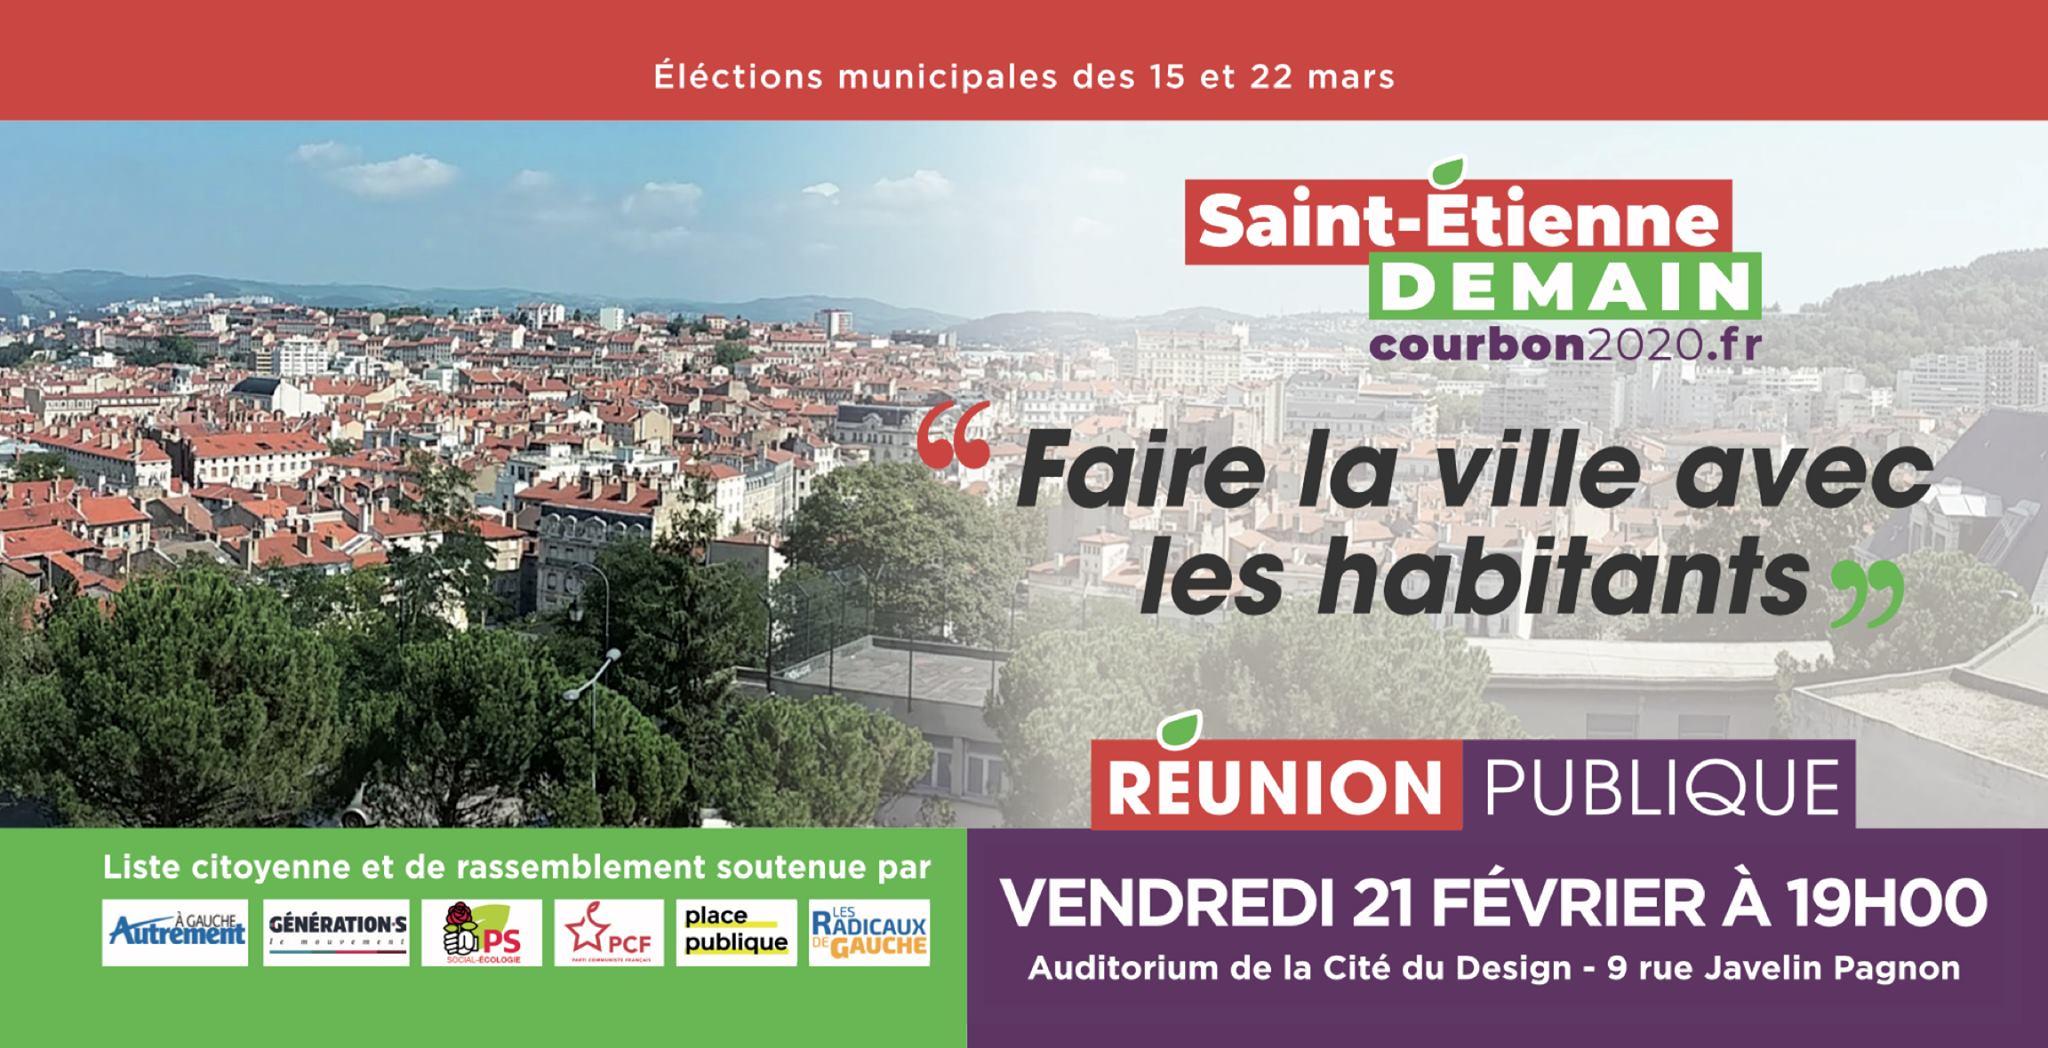 Soirée-Débat : «Faire la ville avec les habitants» avec Jo Spiegel et Pierrick Courbon